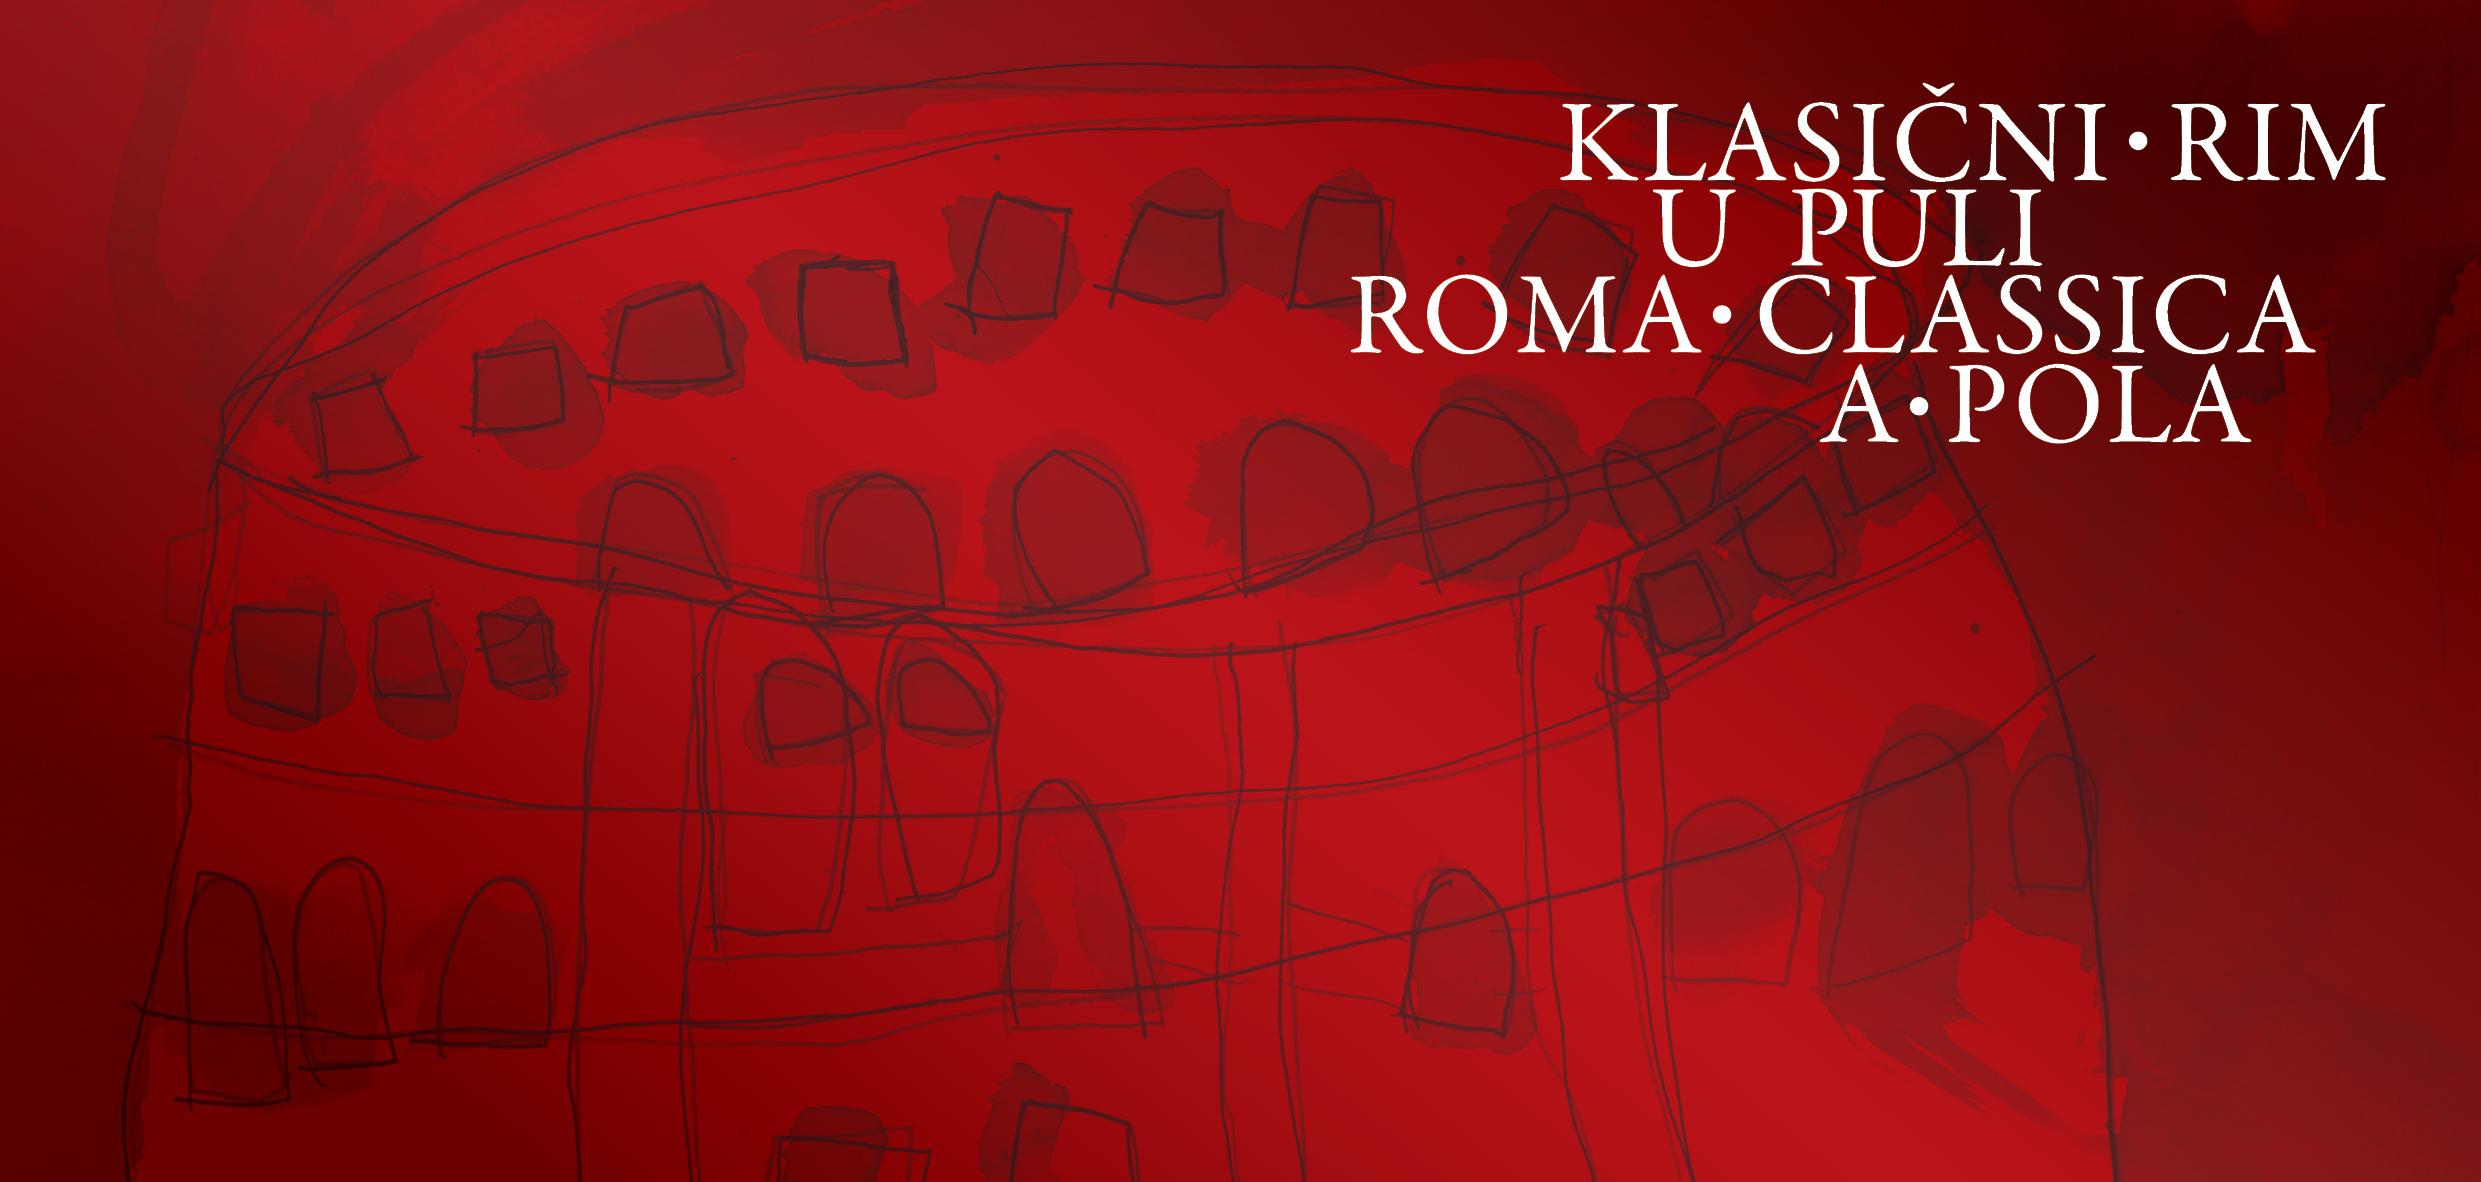 Pozivnica klasicni rim u puli 2014